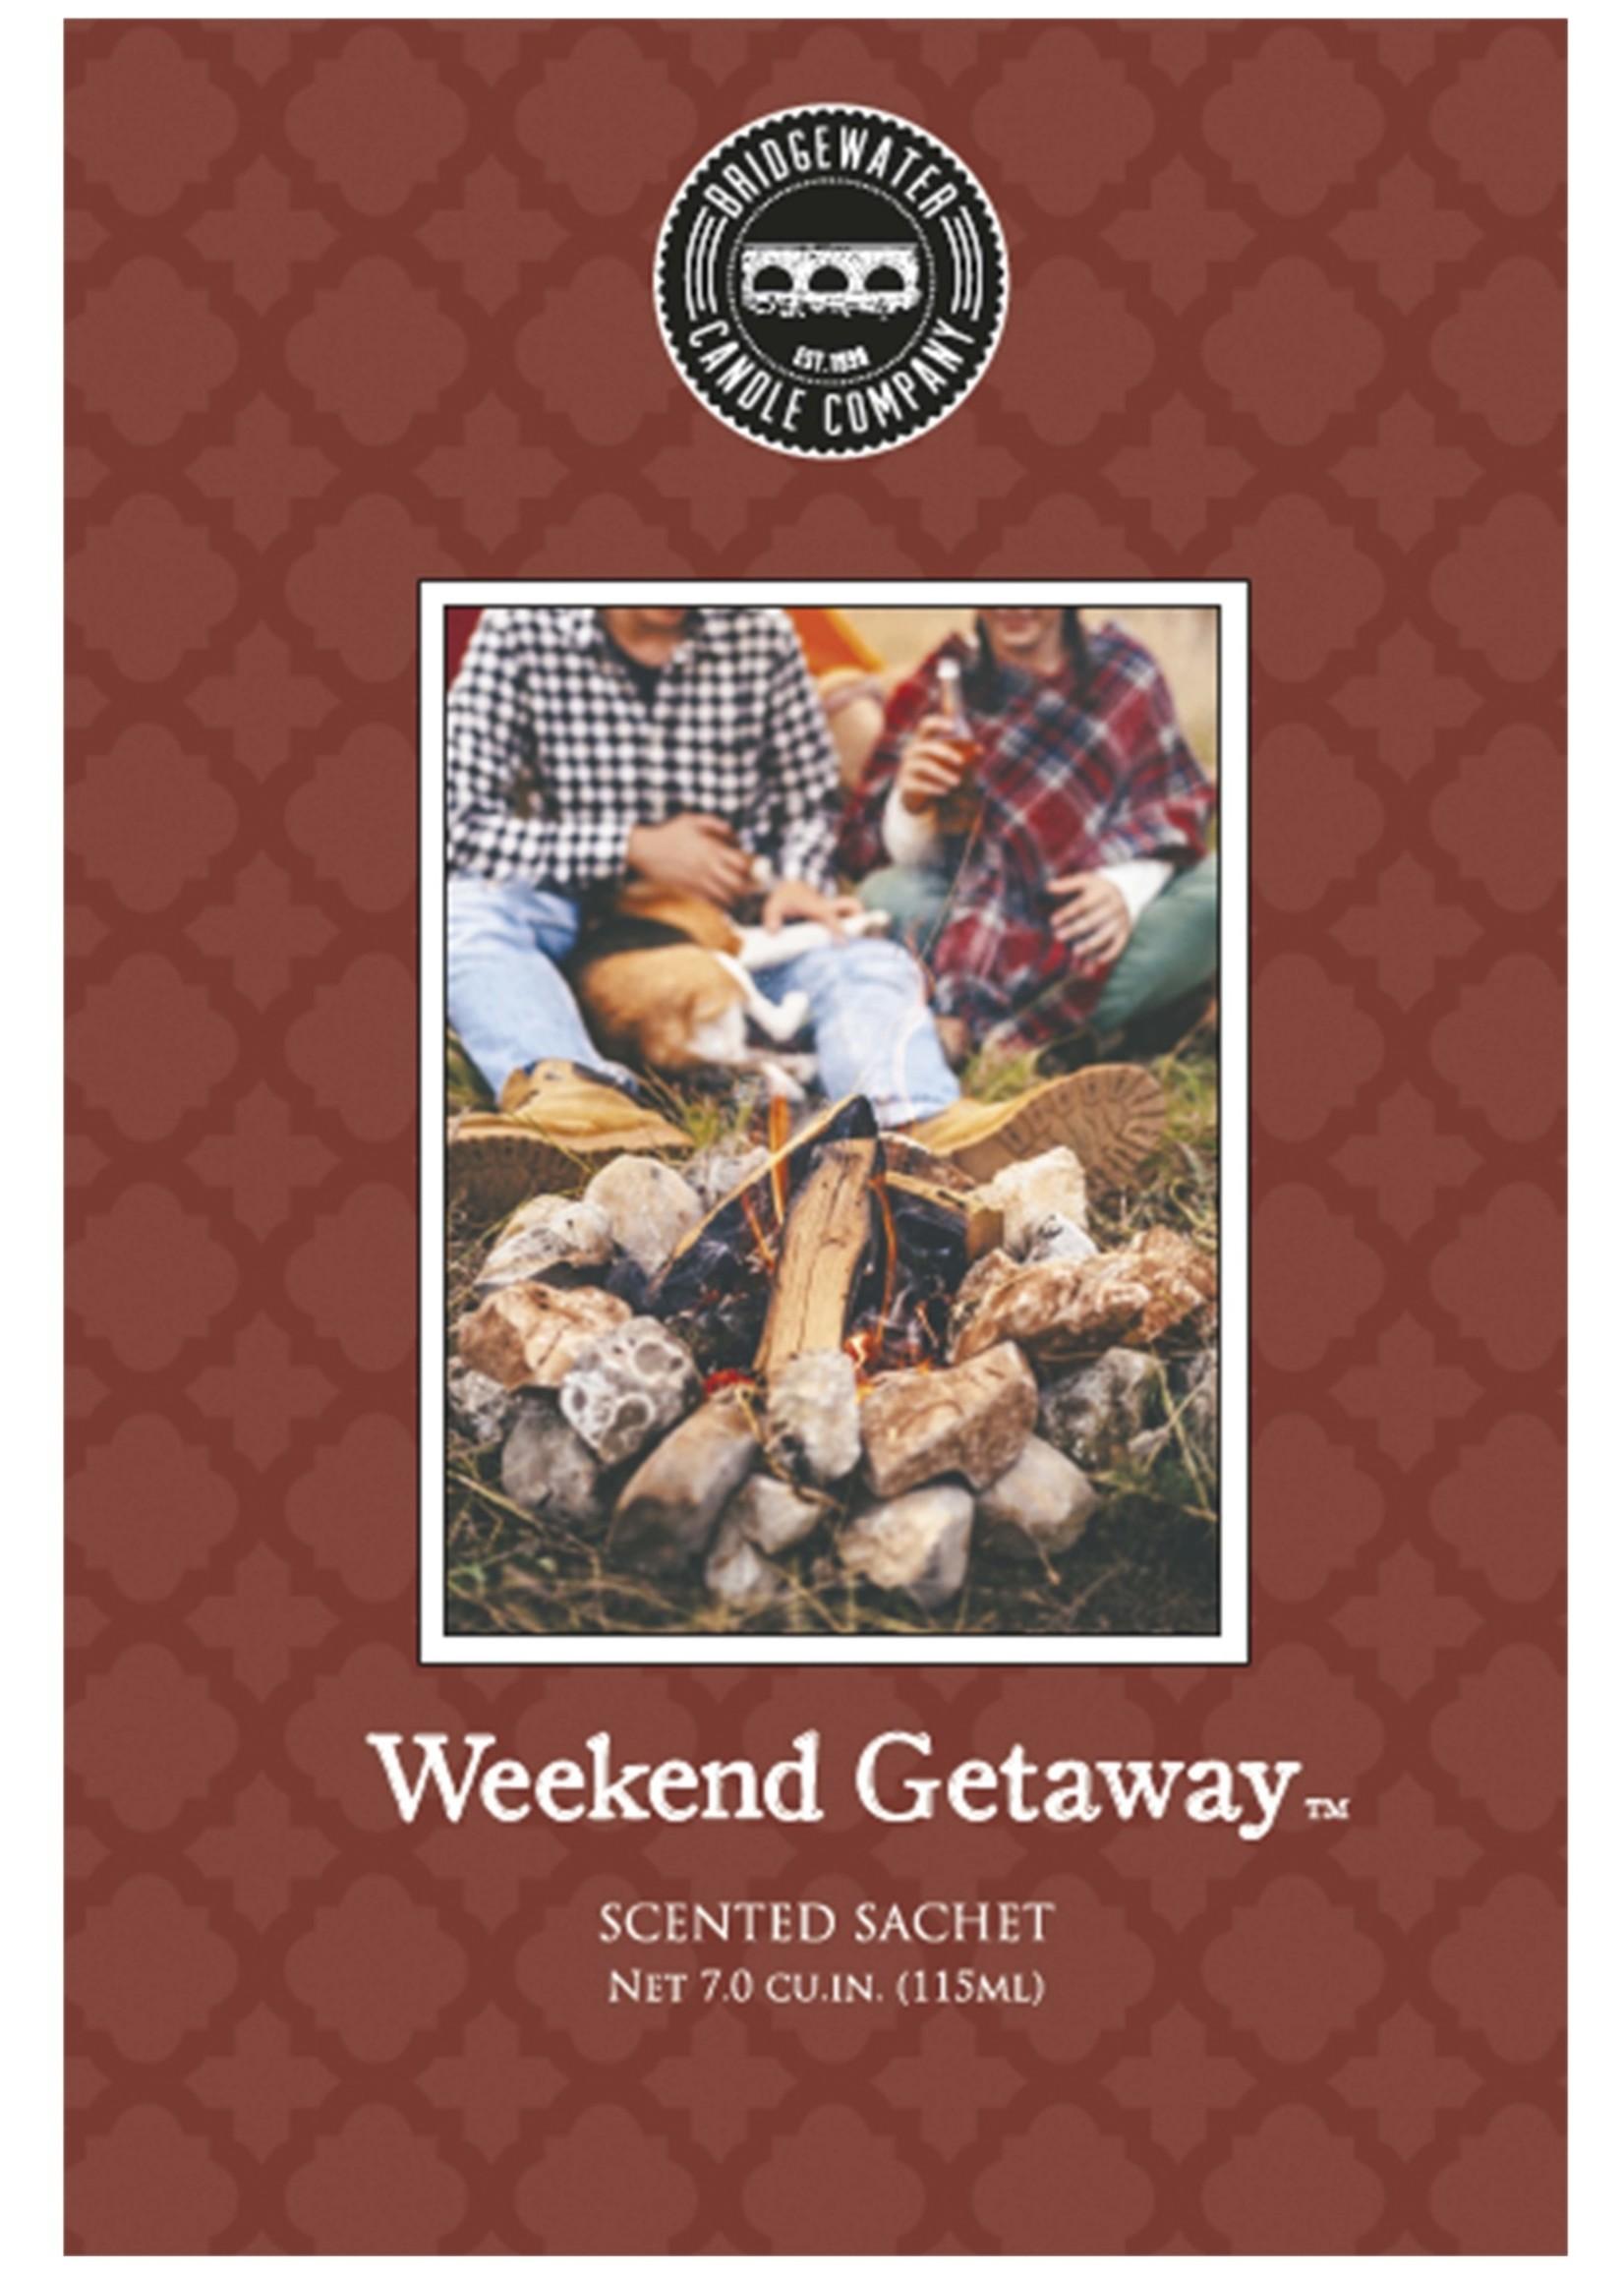 Bridgewater Weekend Getaway Geurzakje